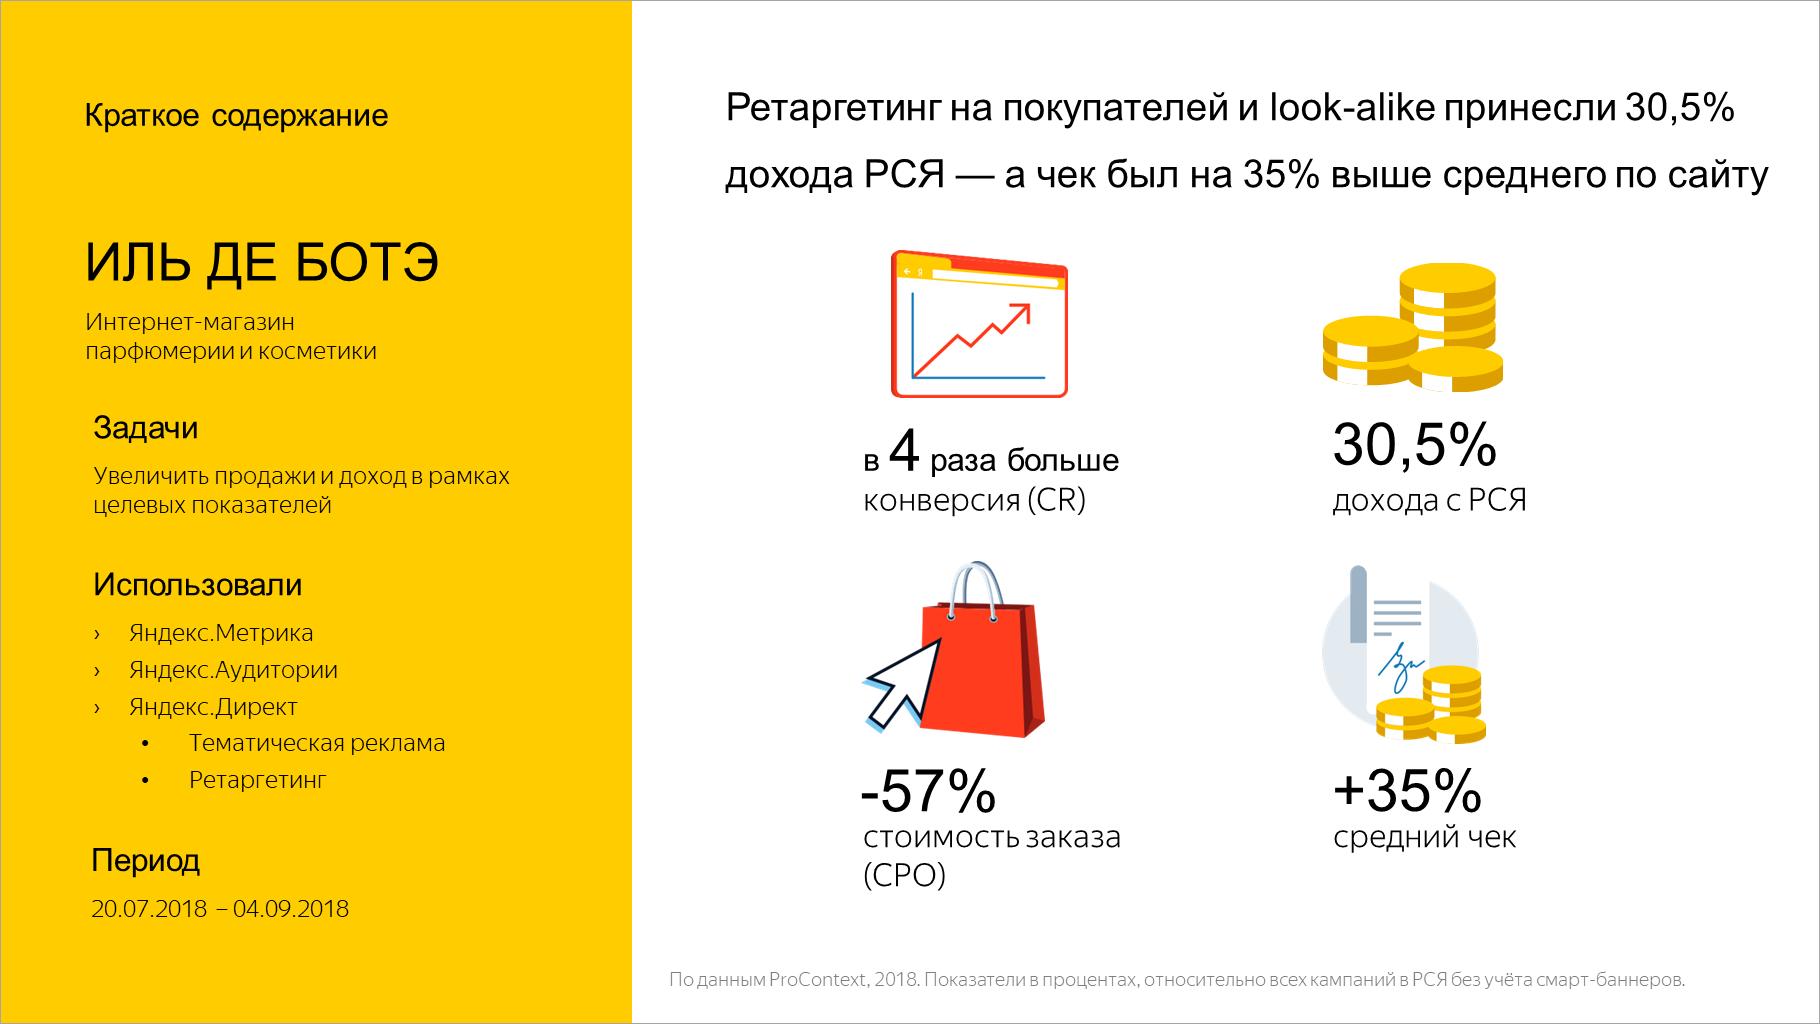 Ретаргетинг на покупателей и look-alike принесли 30,5% дохода РСЯ — а чек был на 35% выше среднего по сайту